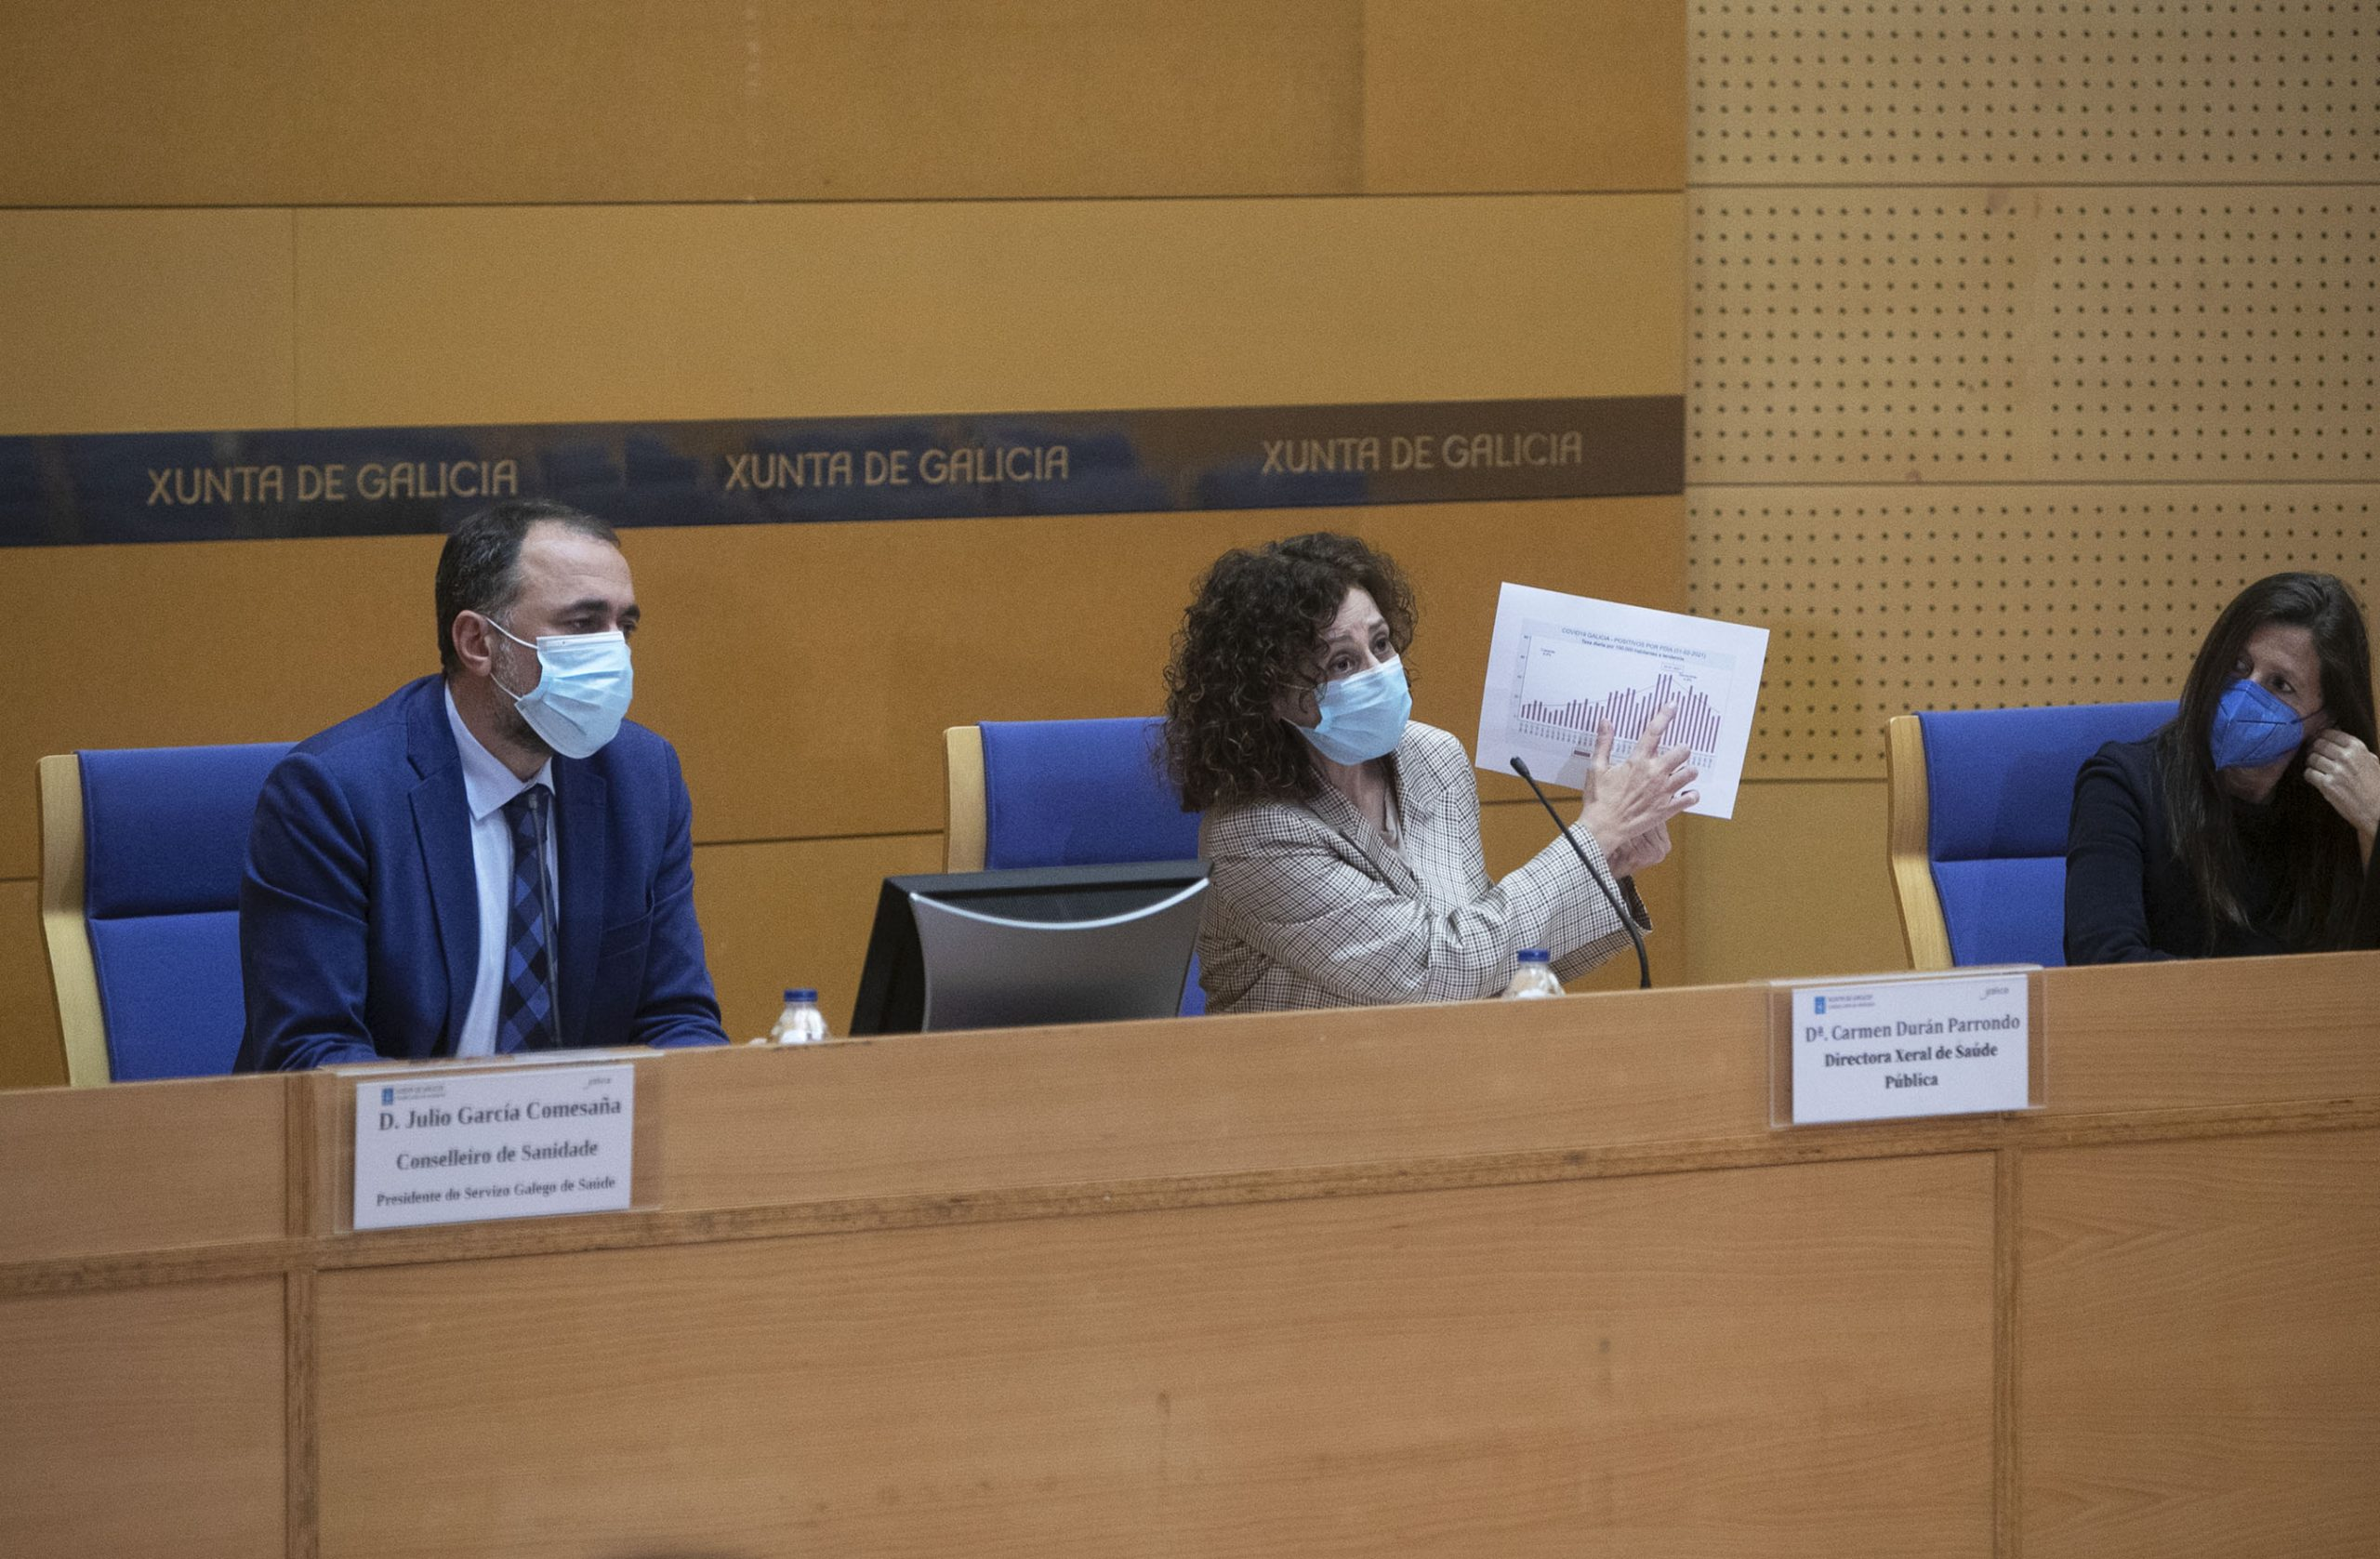 Cribado poblacional de COVID-19 en personas asintomáticas en farmacias de Pontevedra